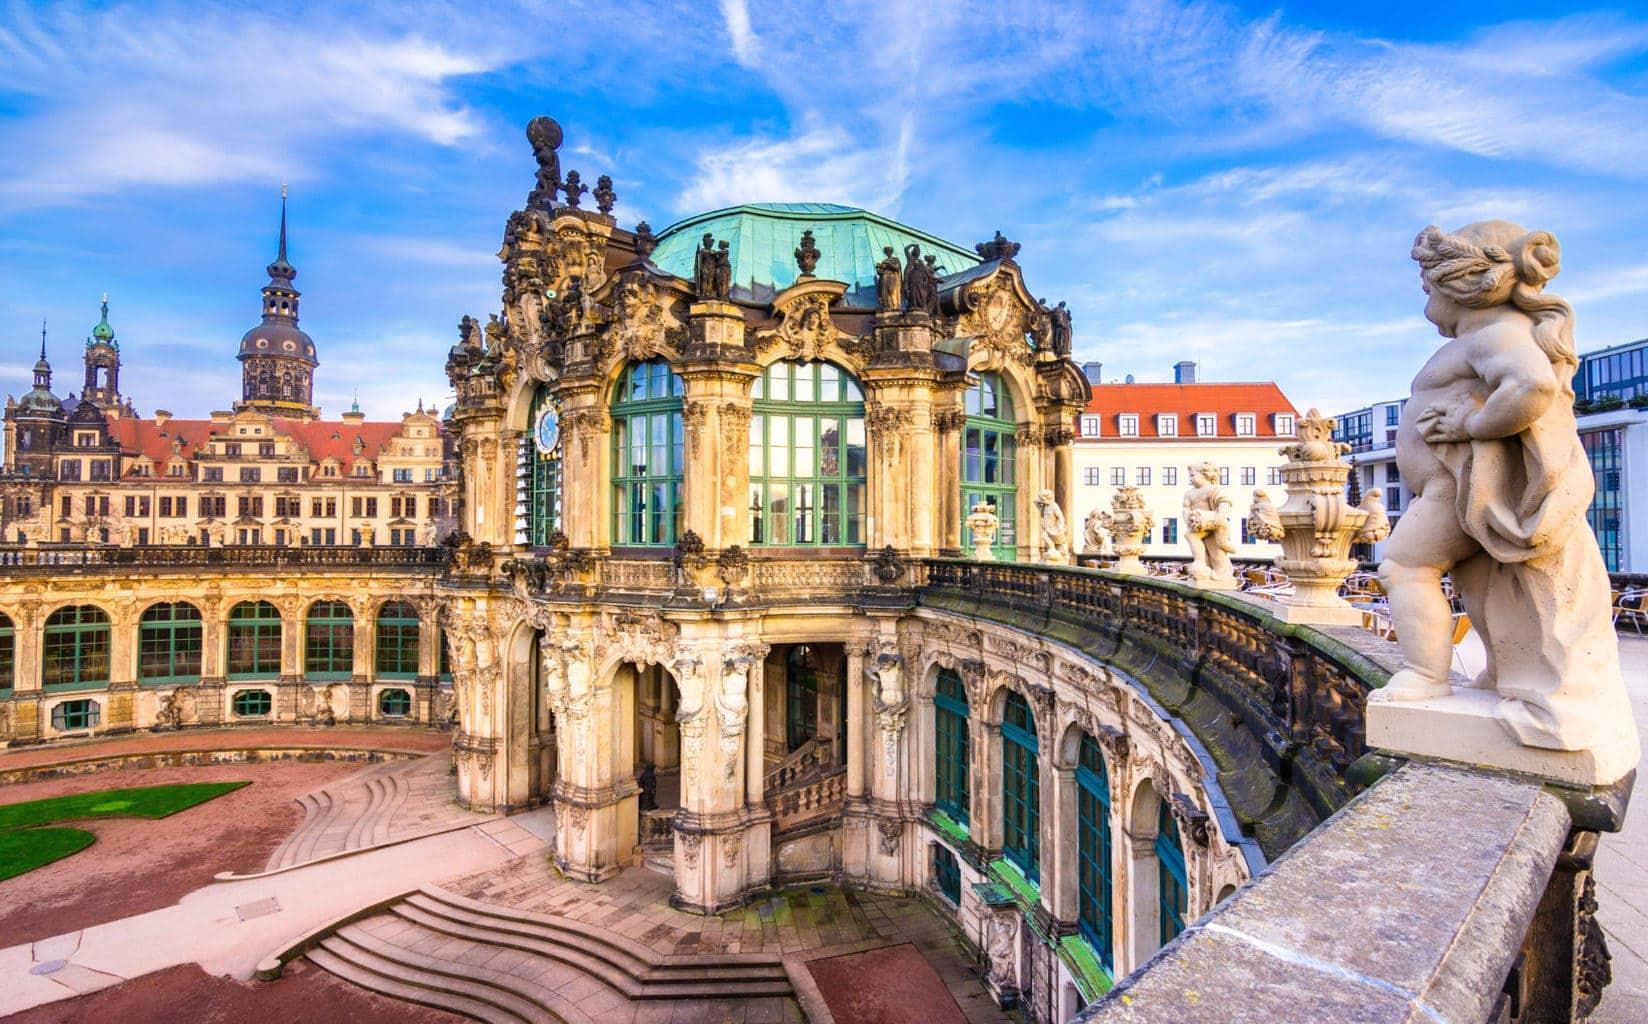 Skulpturen van engelen op het dak van de Zwinger in de Saksische stad Dresden